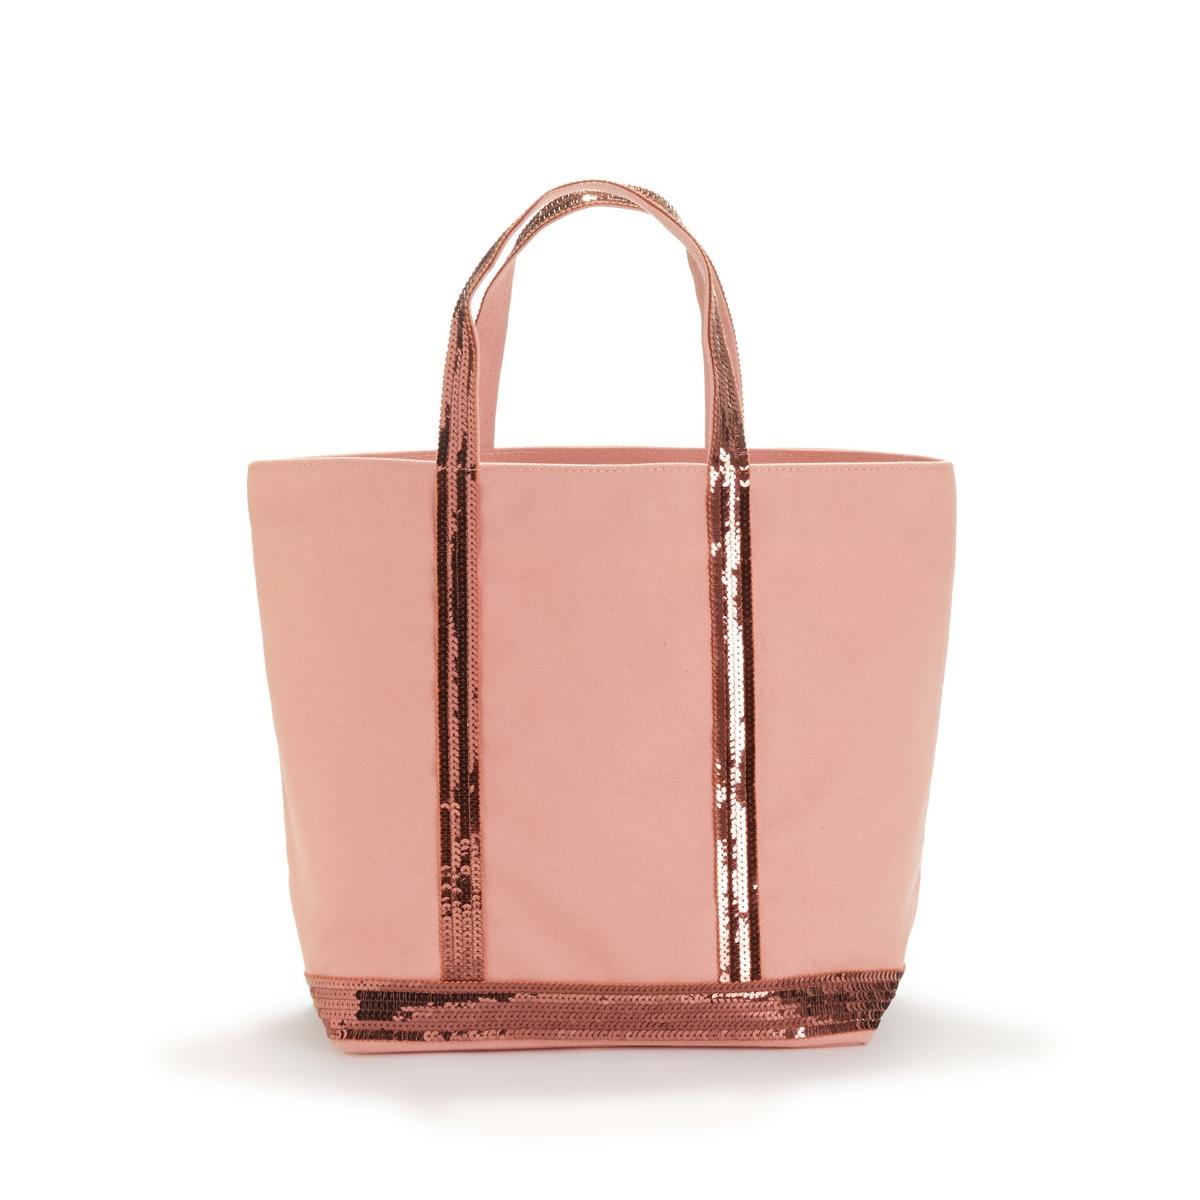 Сумка-шоппер La Redoute Среднего размера из ткани с блестками единый размер розовый